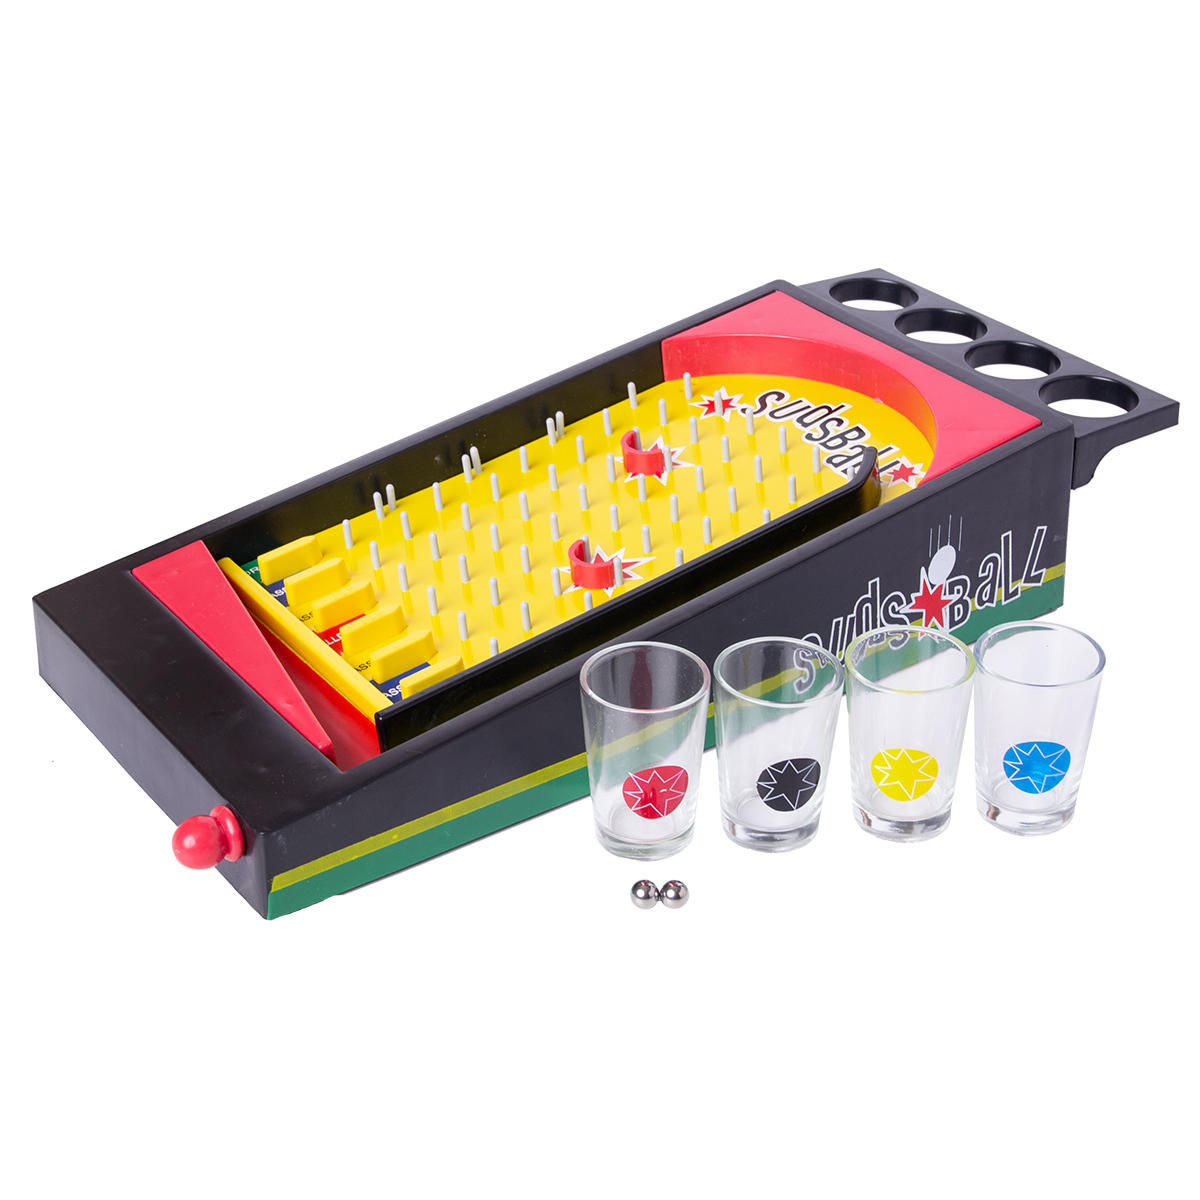 Spel, studs ball shots